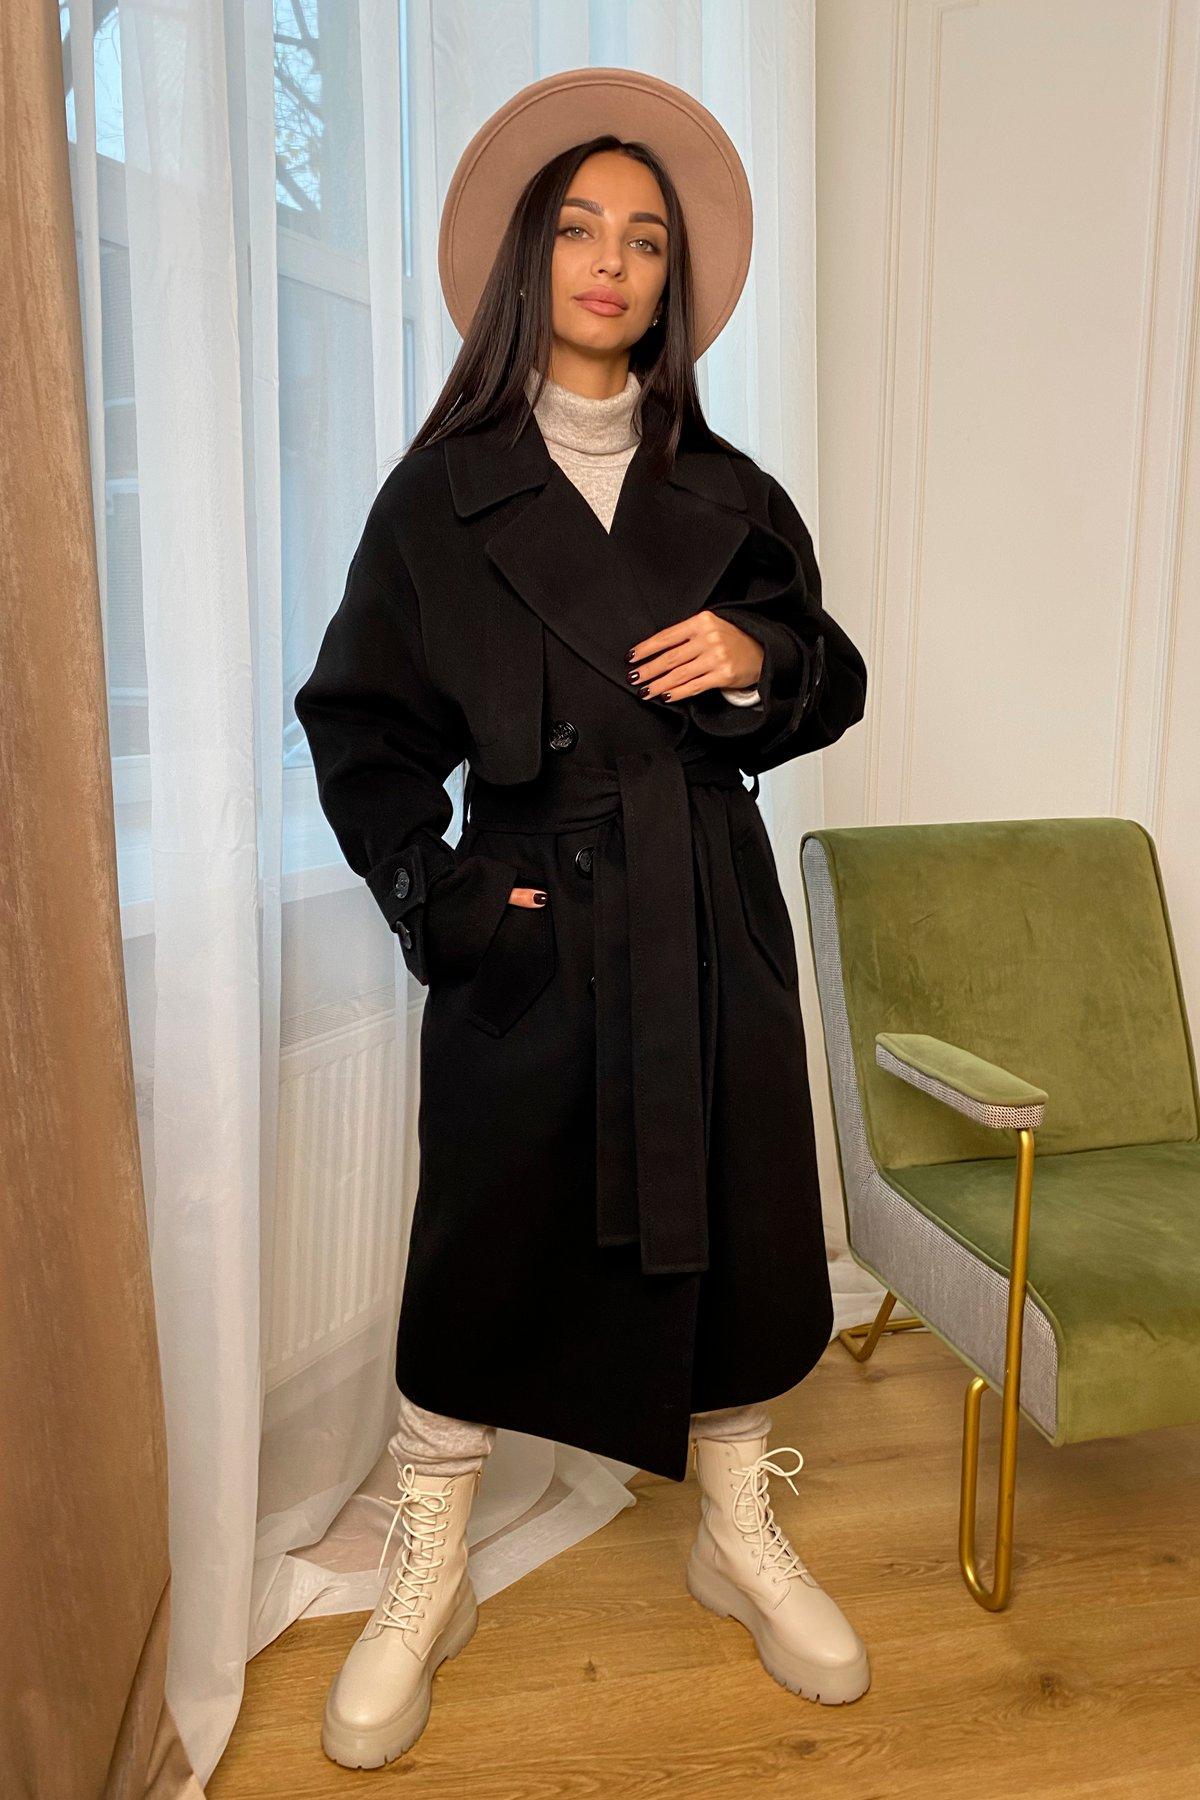 Твин макси кашемир китай пальто 9953 АРТ. 46242 Цвет: Черный - фото 3, интернет магазин tm-modus.ru